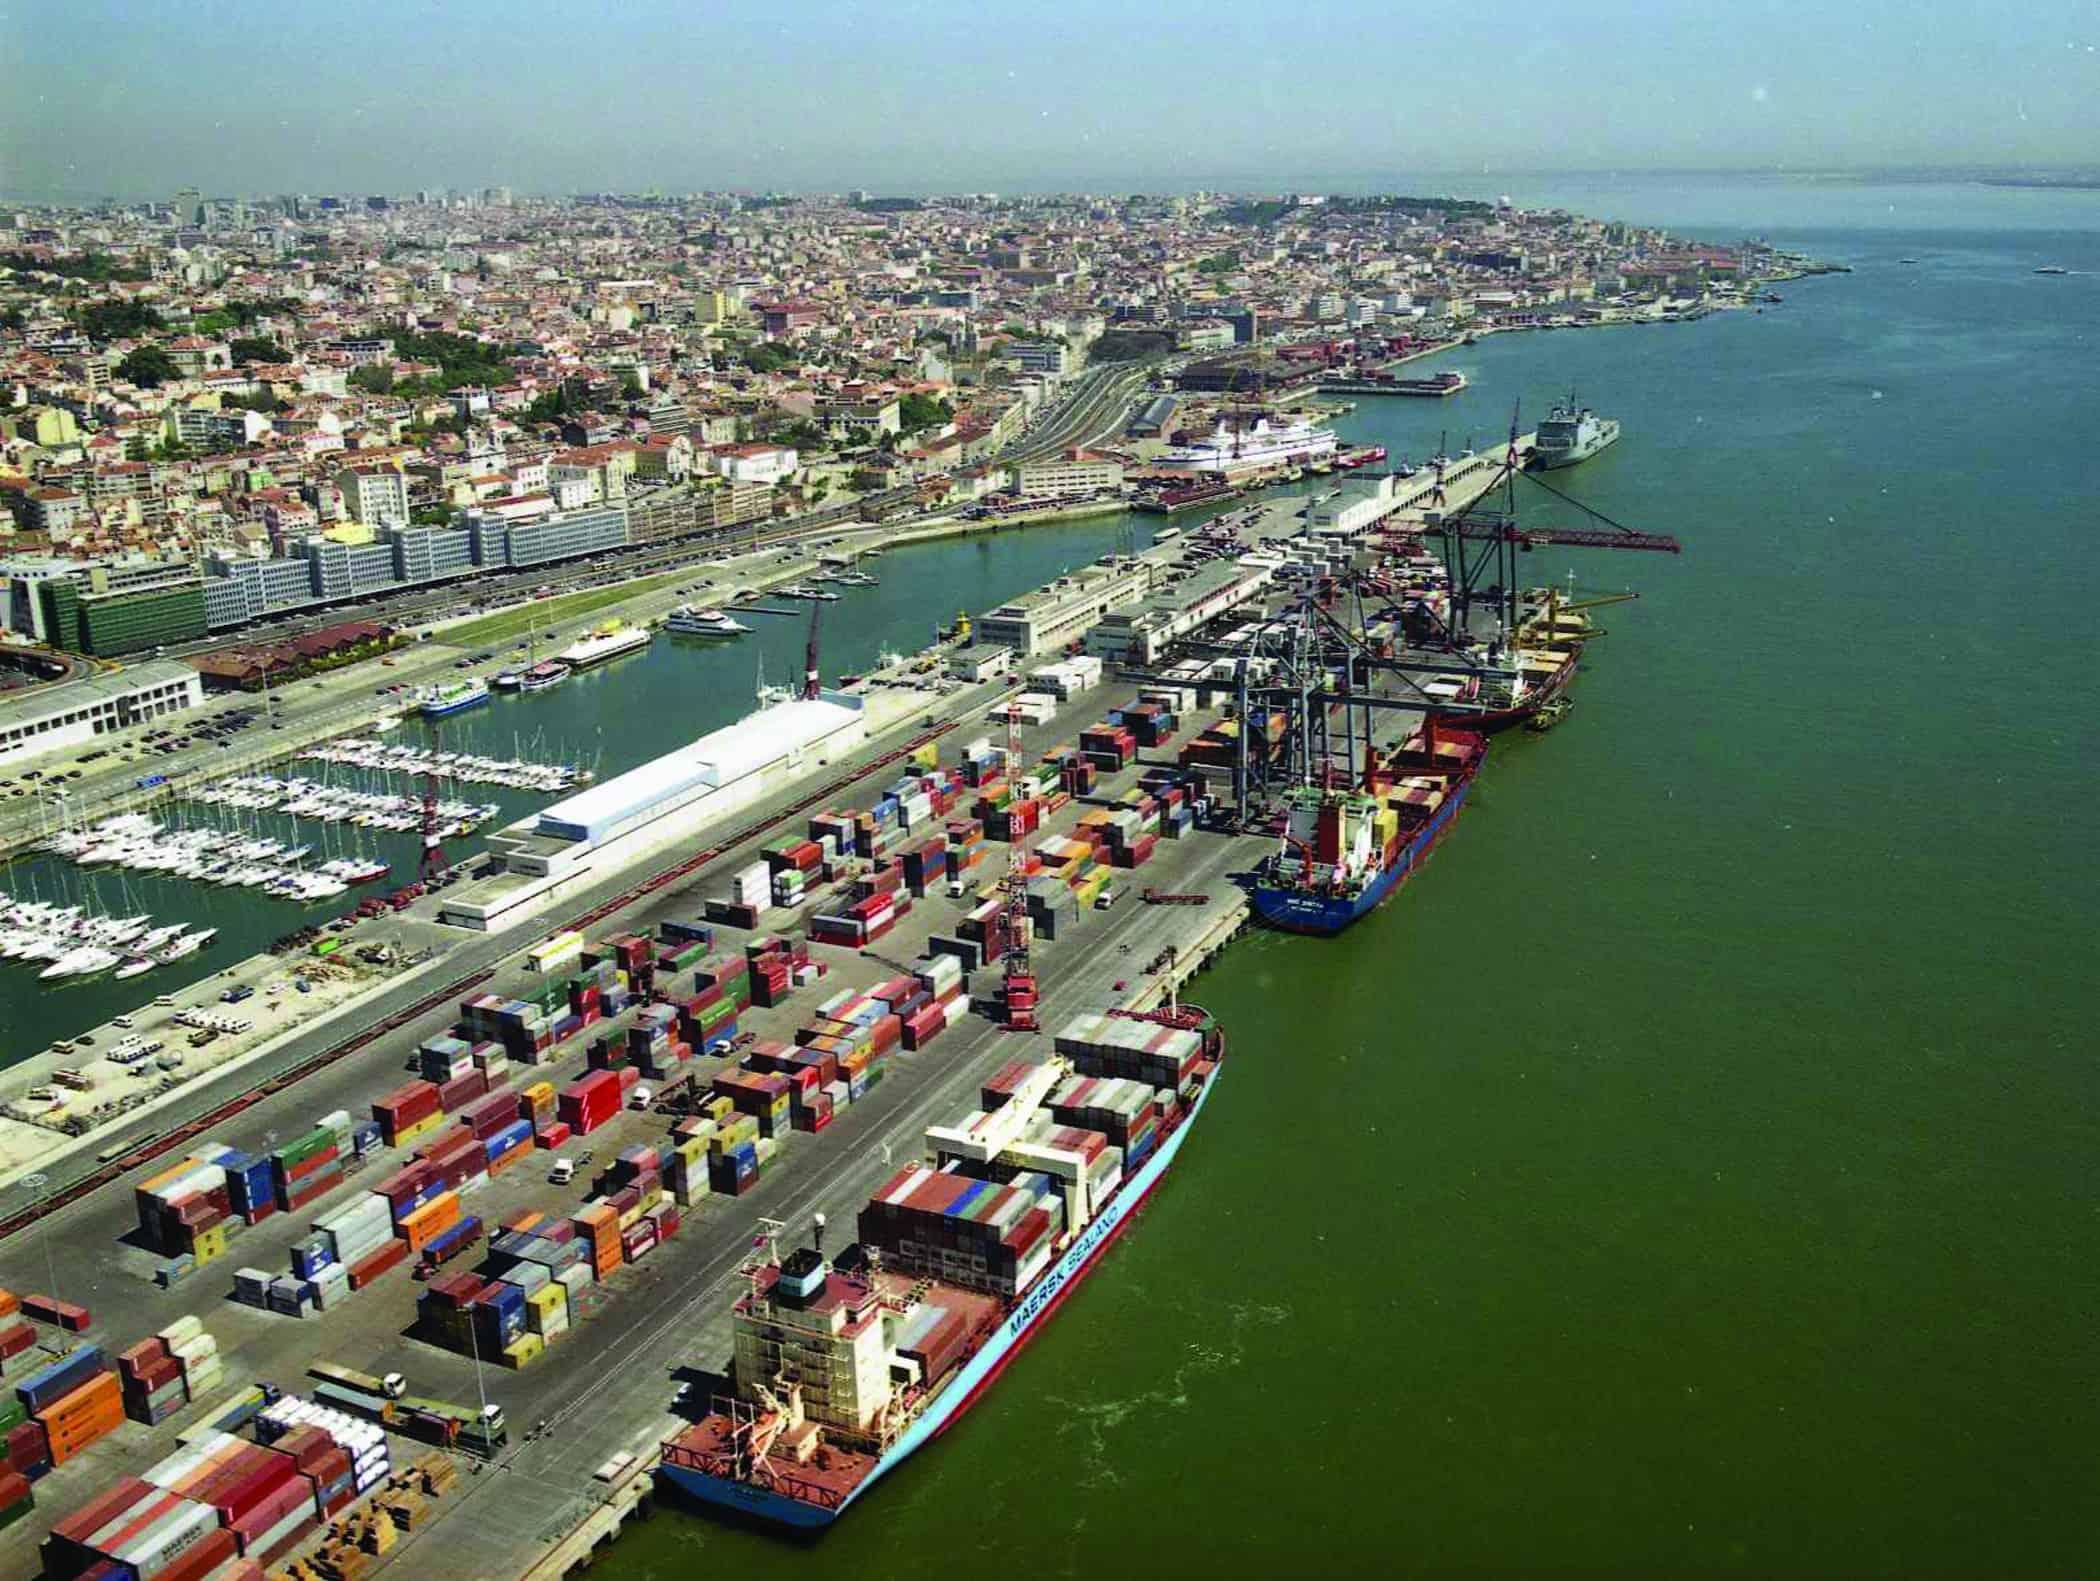 Strike action at Lisbon port